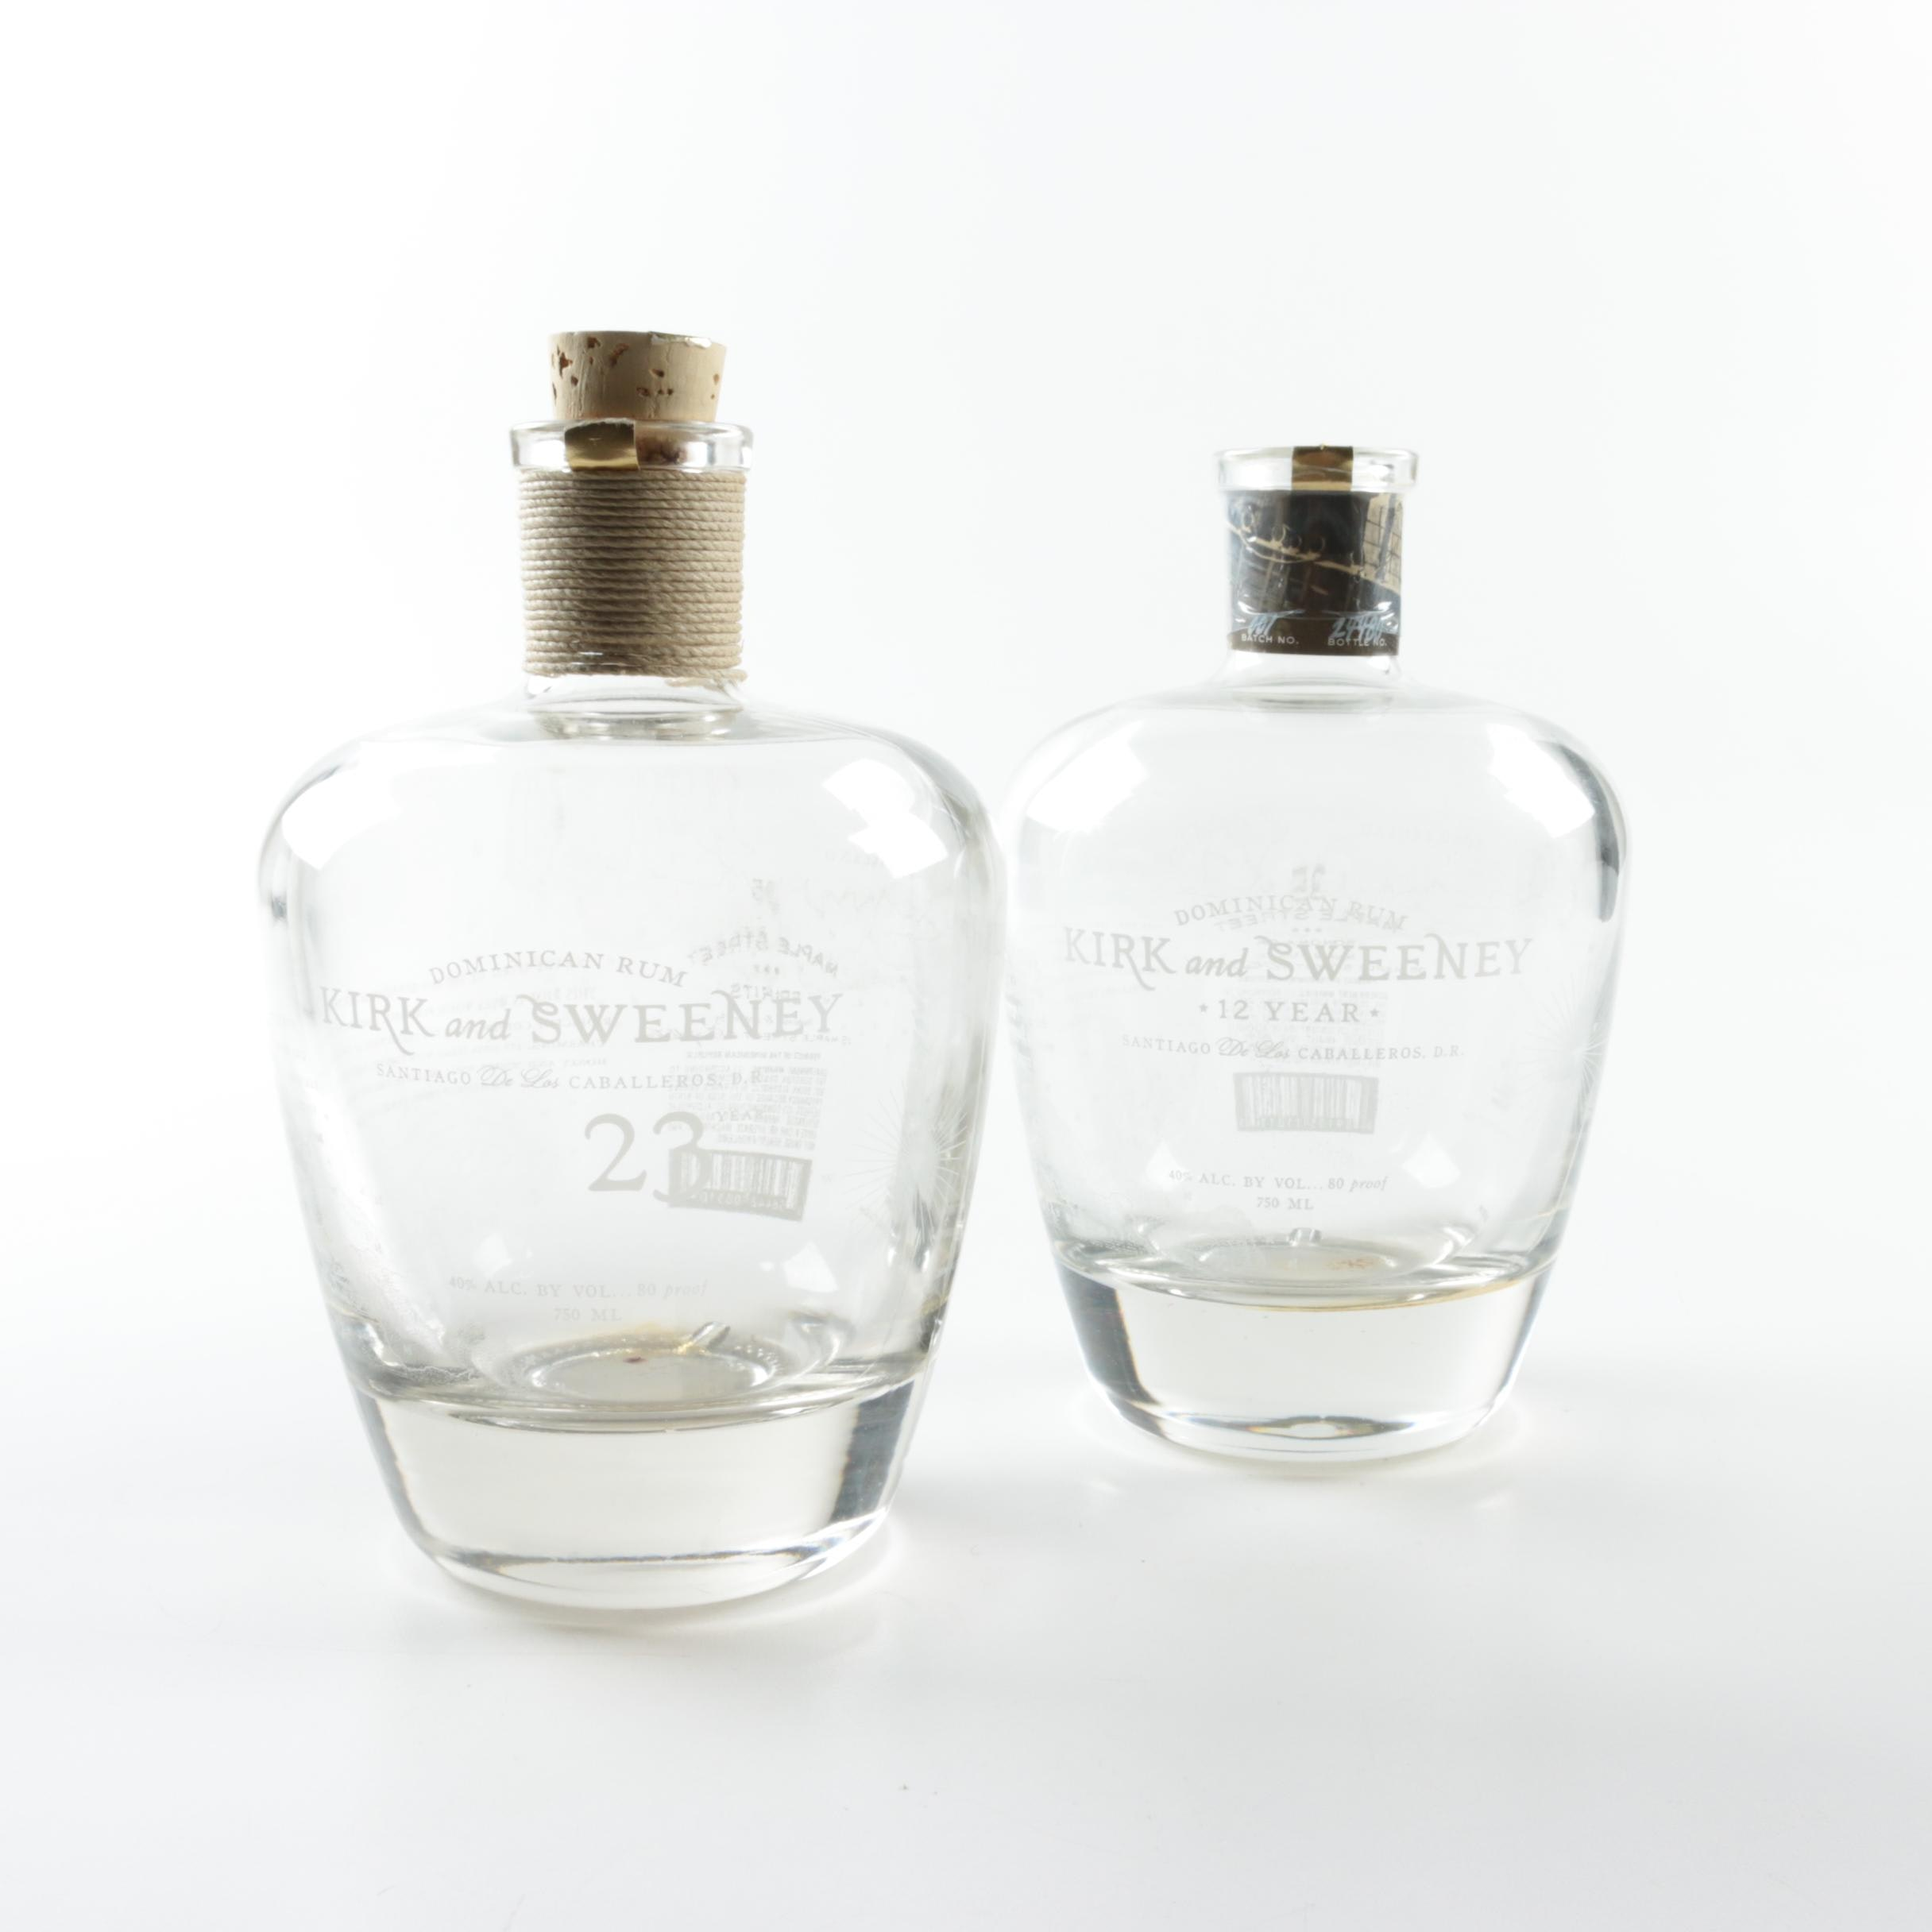 Kirk and Sweeney Dominican Rum Bottles